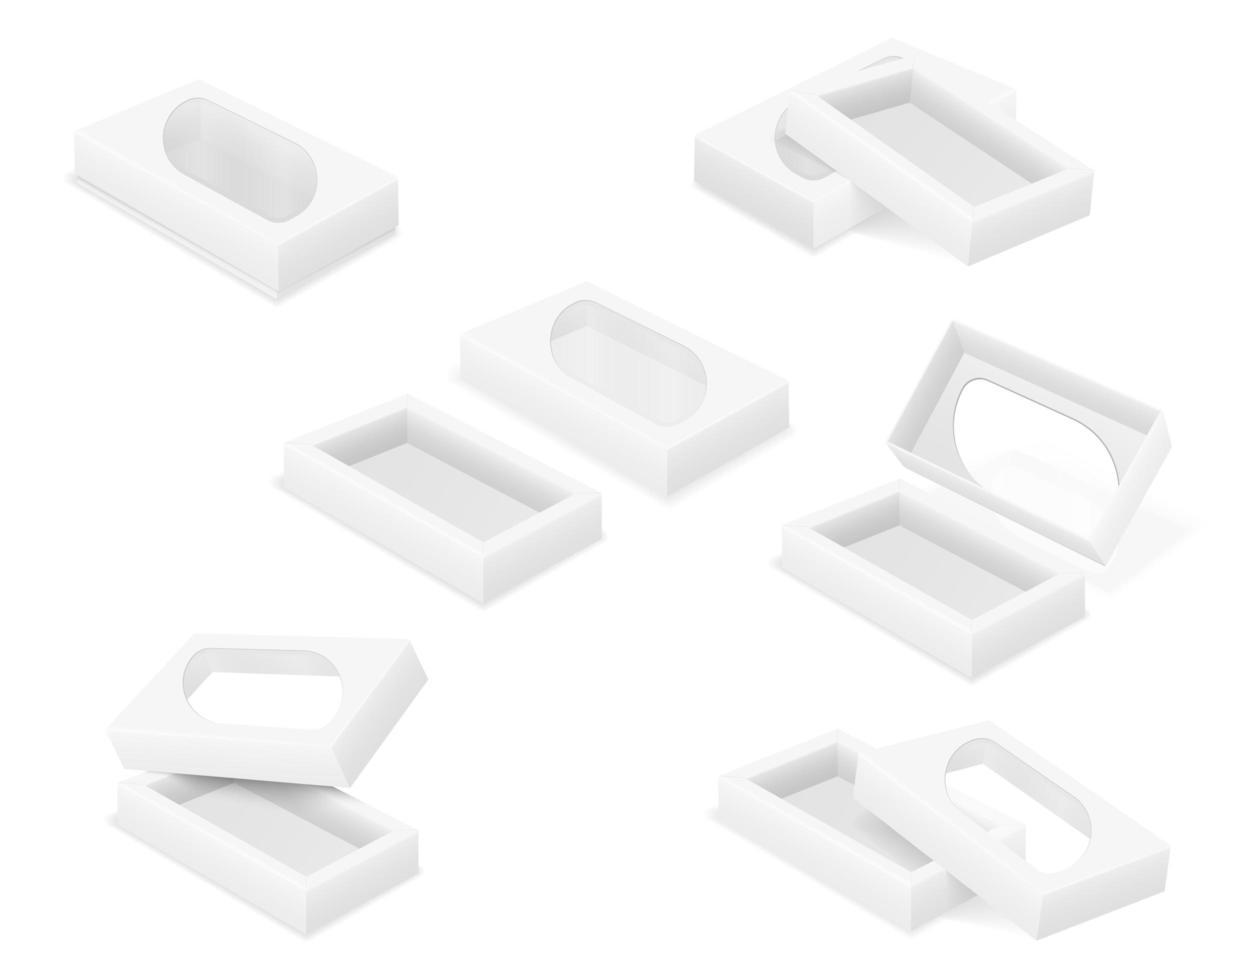 lege kartonnen doos verpakking lege sjabloon set vector